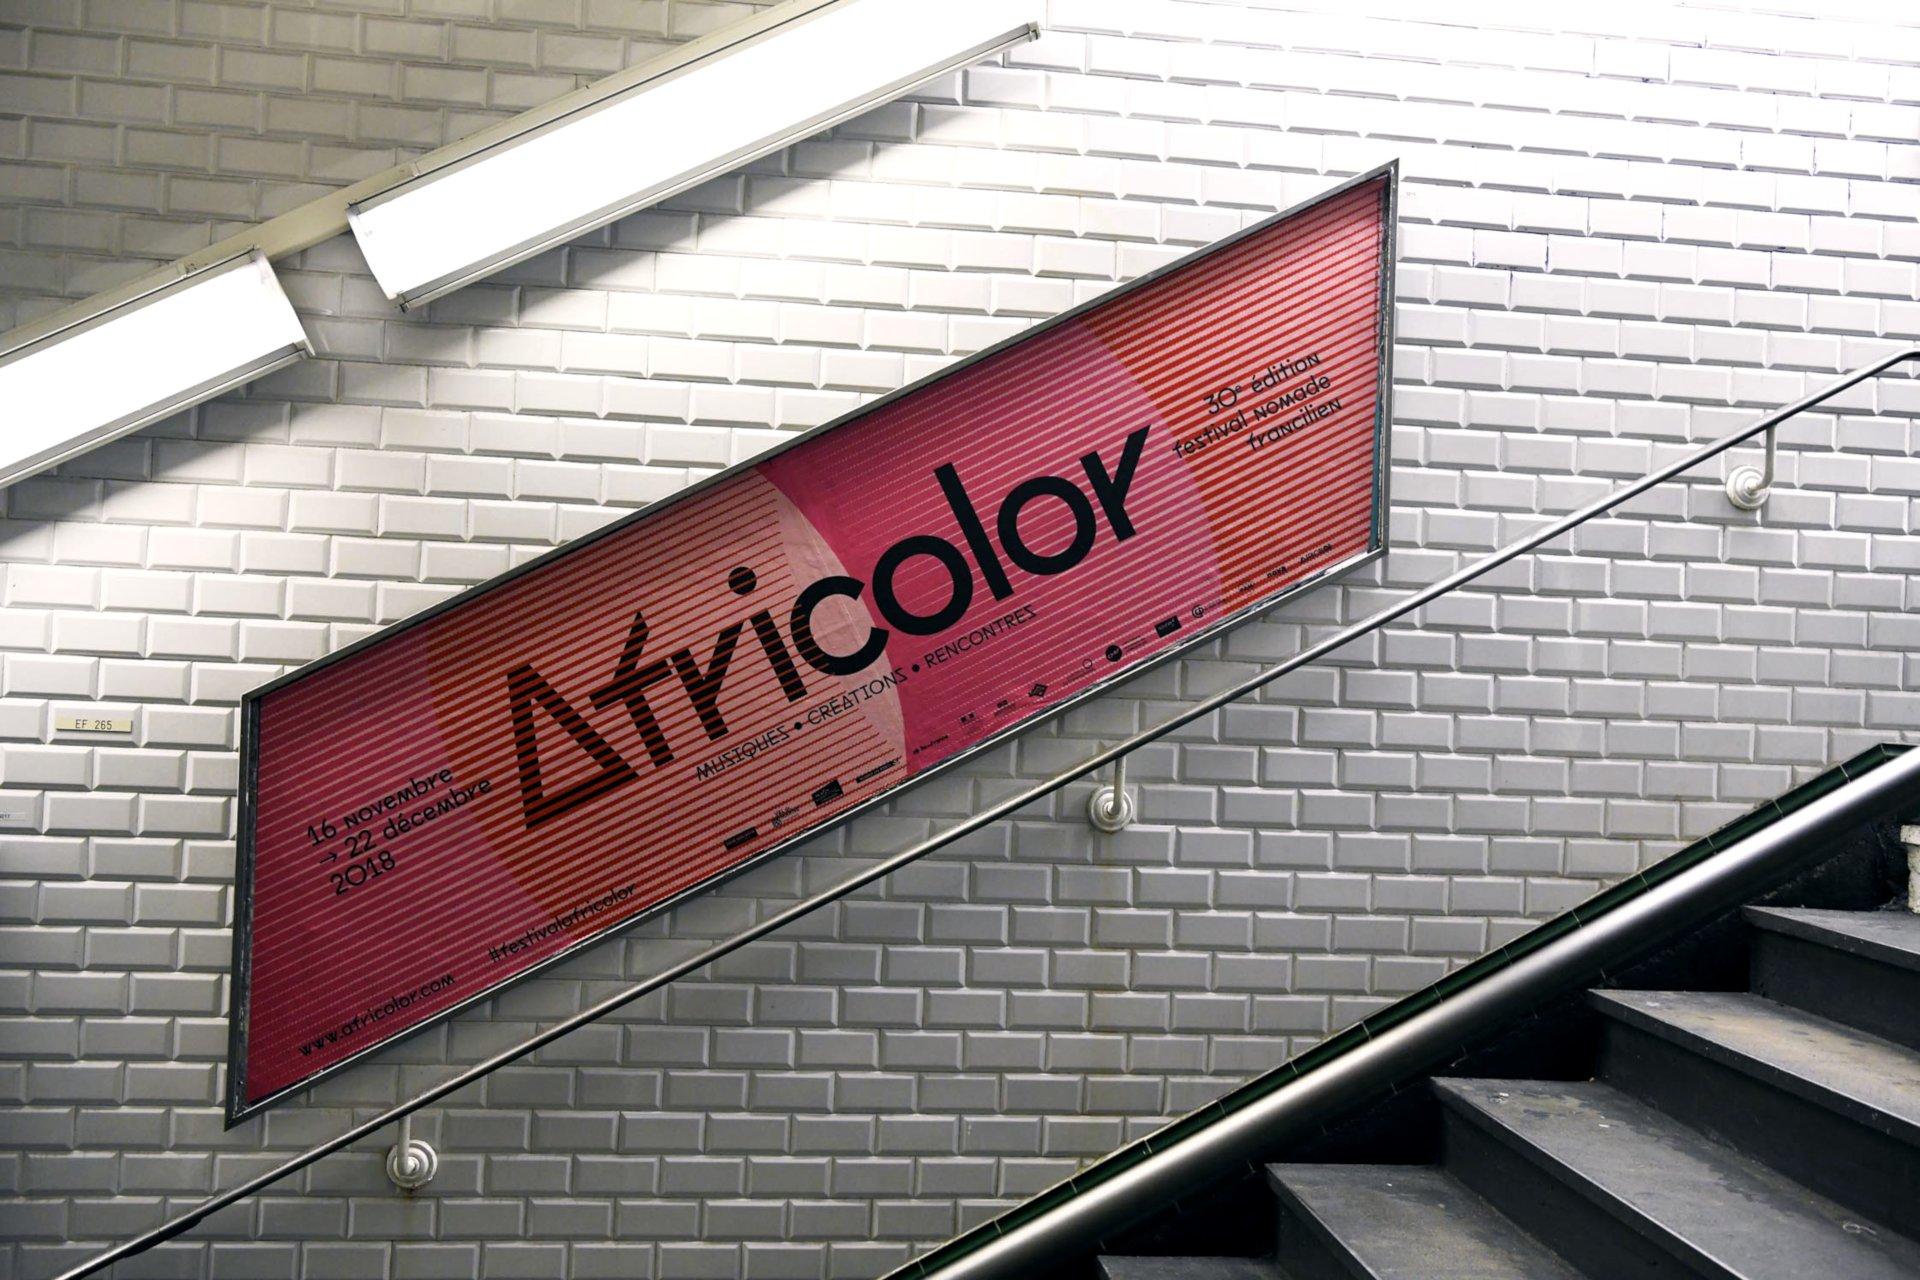 Africolor affiche son festival dans le métro parisien